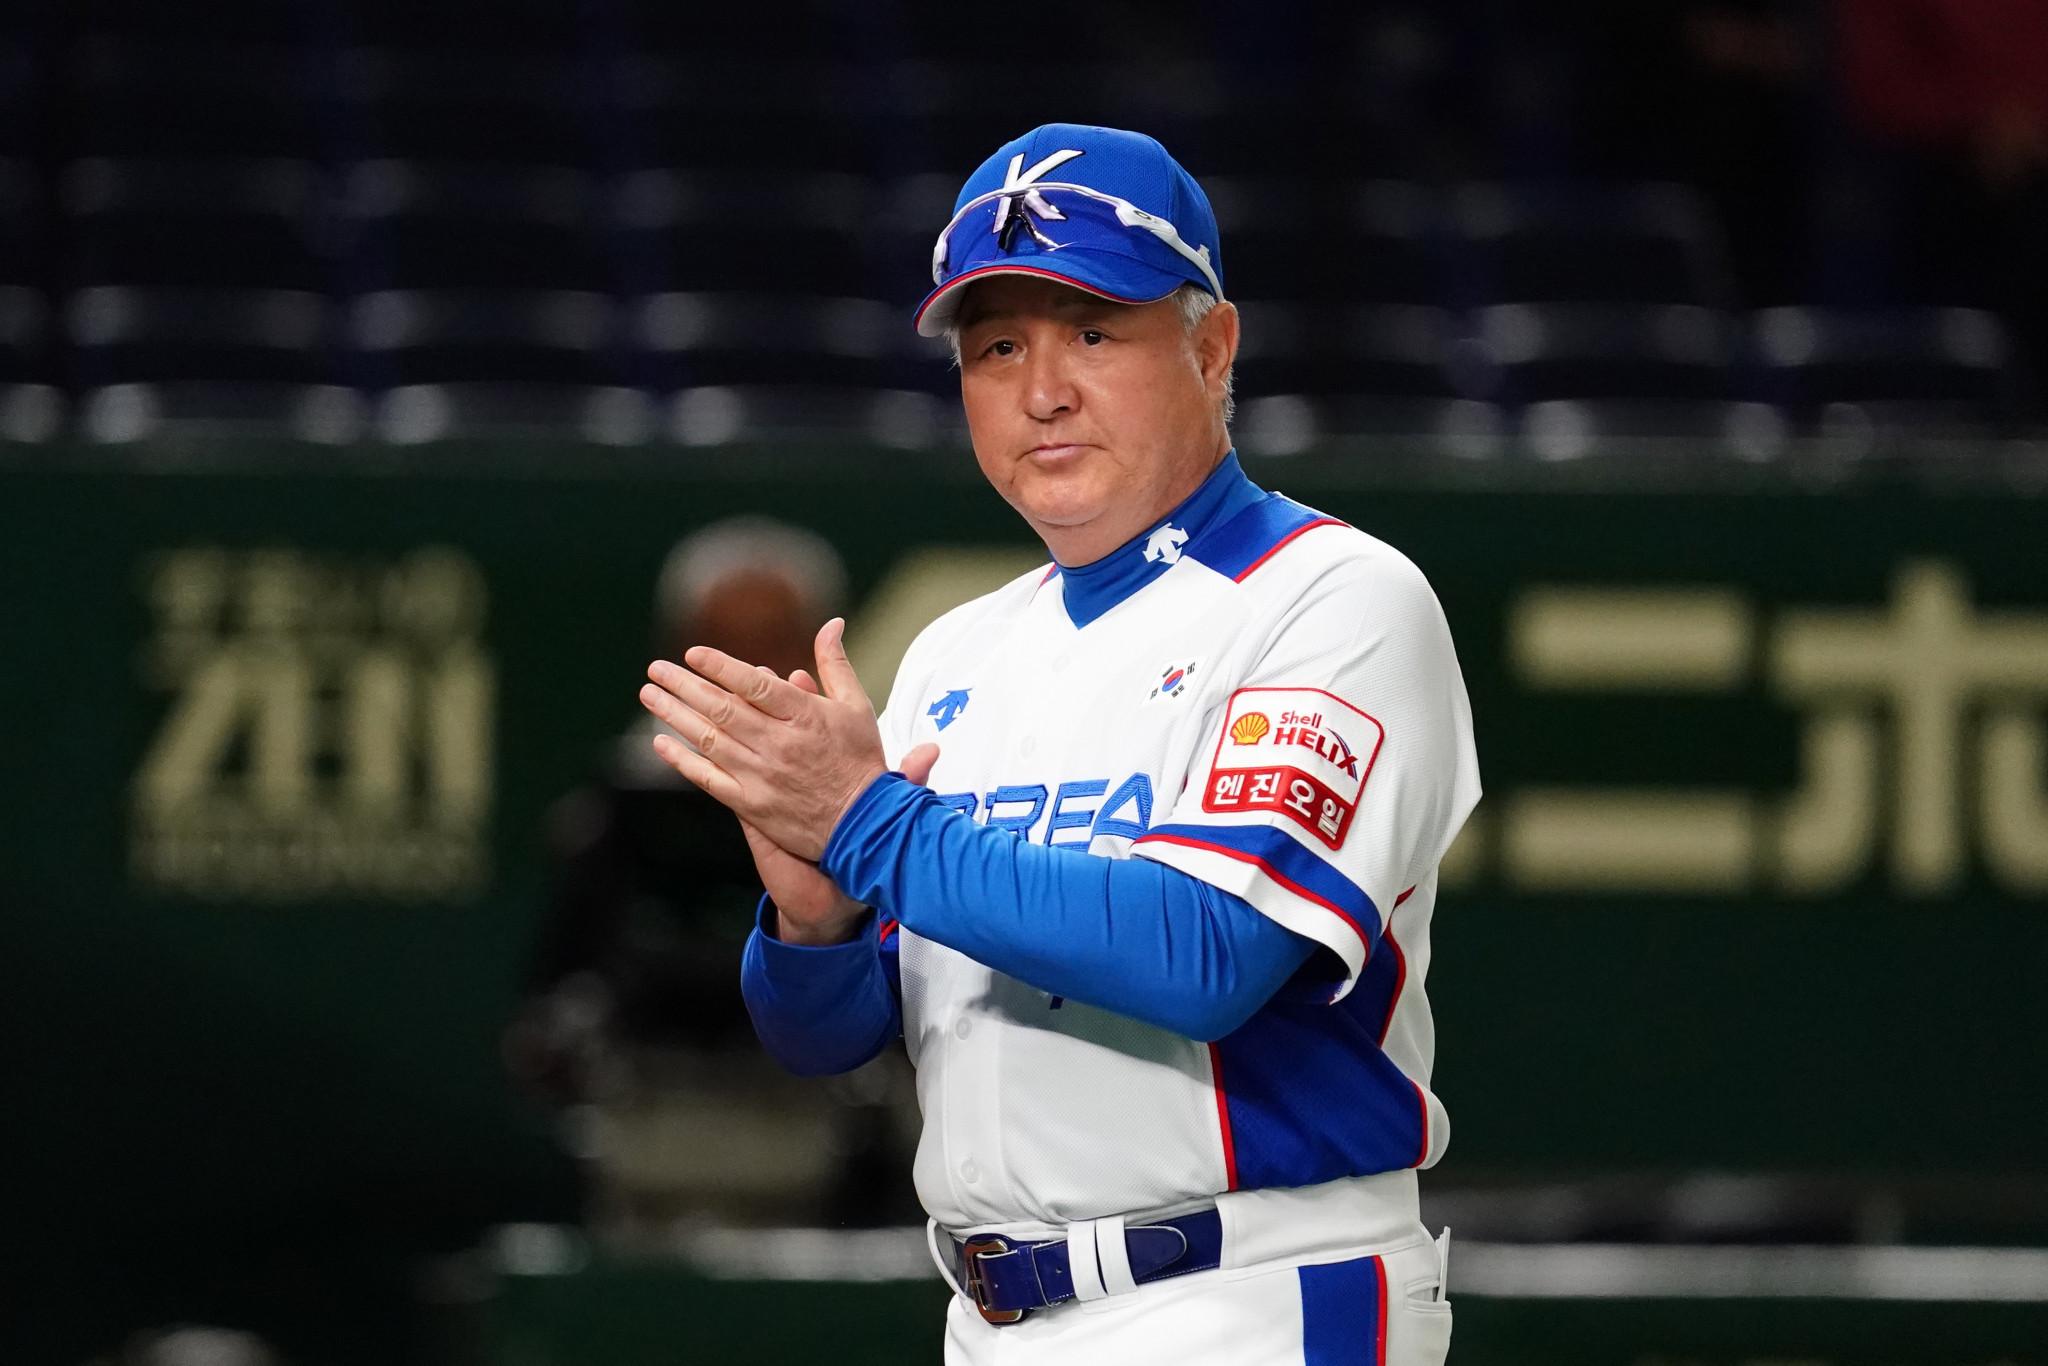 Beijing winner Moon confirmed as South Korea's manager for Tokyo 2020 baseball tournament